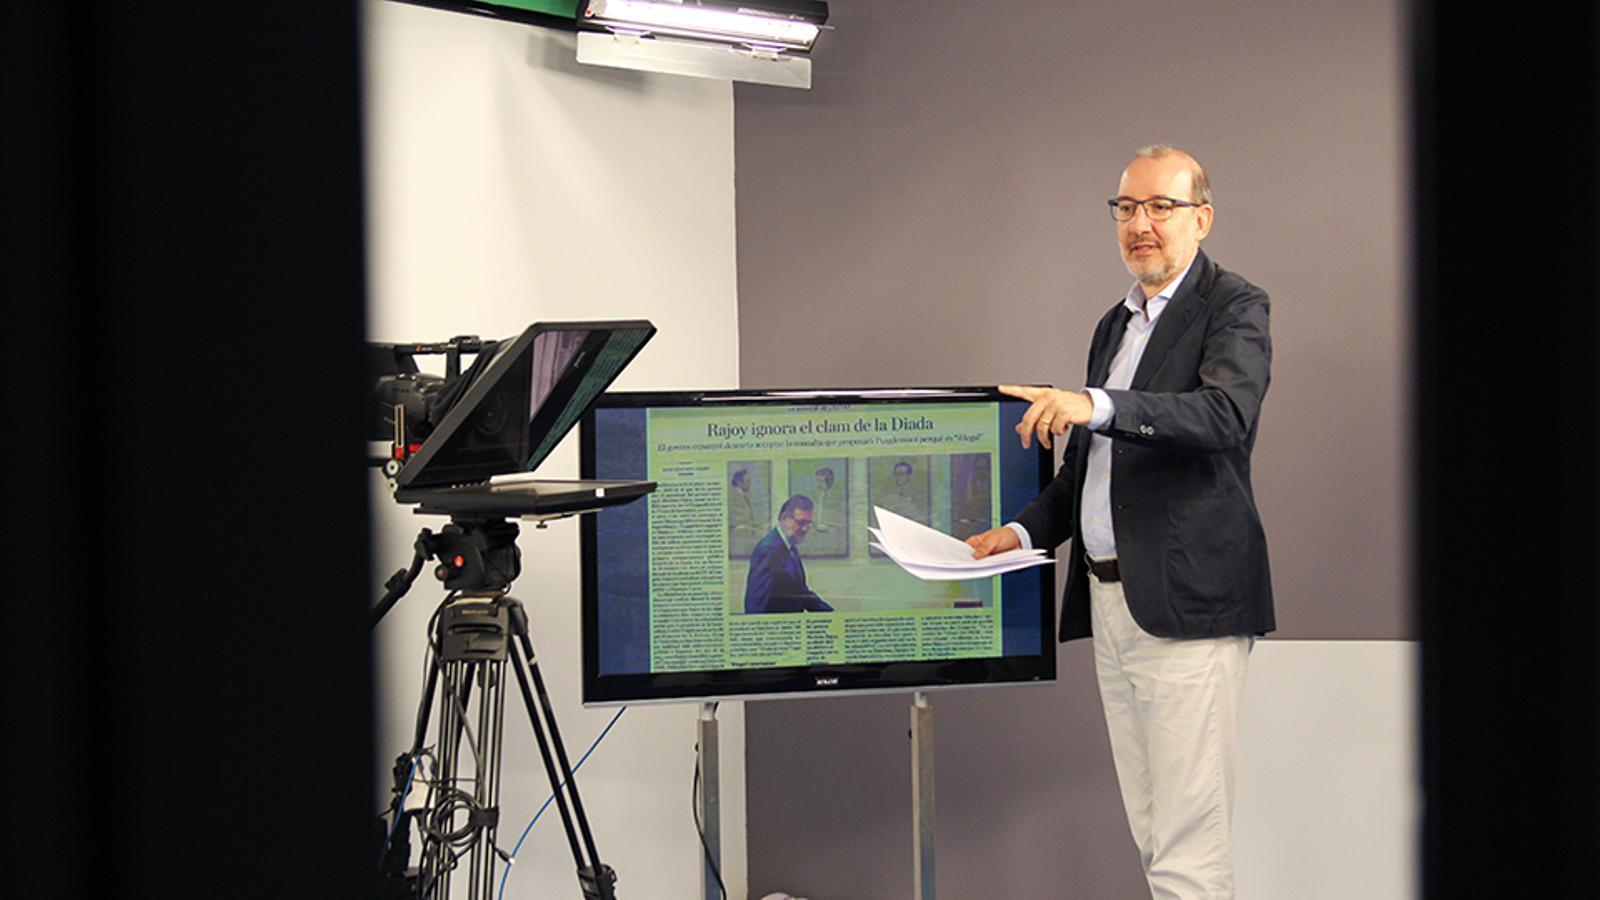 L'anàlisi d'Antoni Bassas: 'Qui comunica guanya'